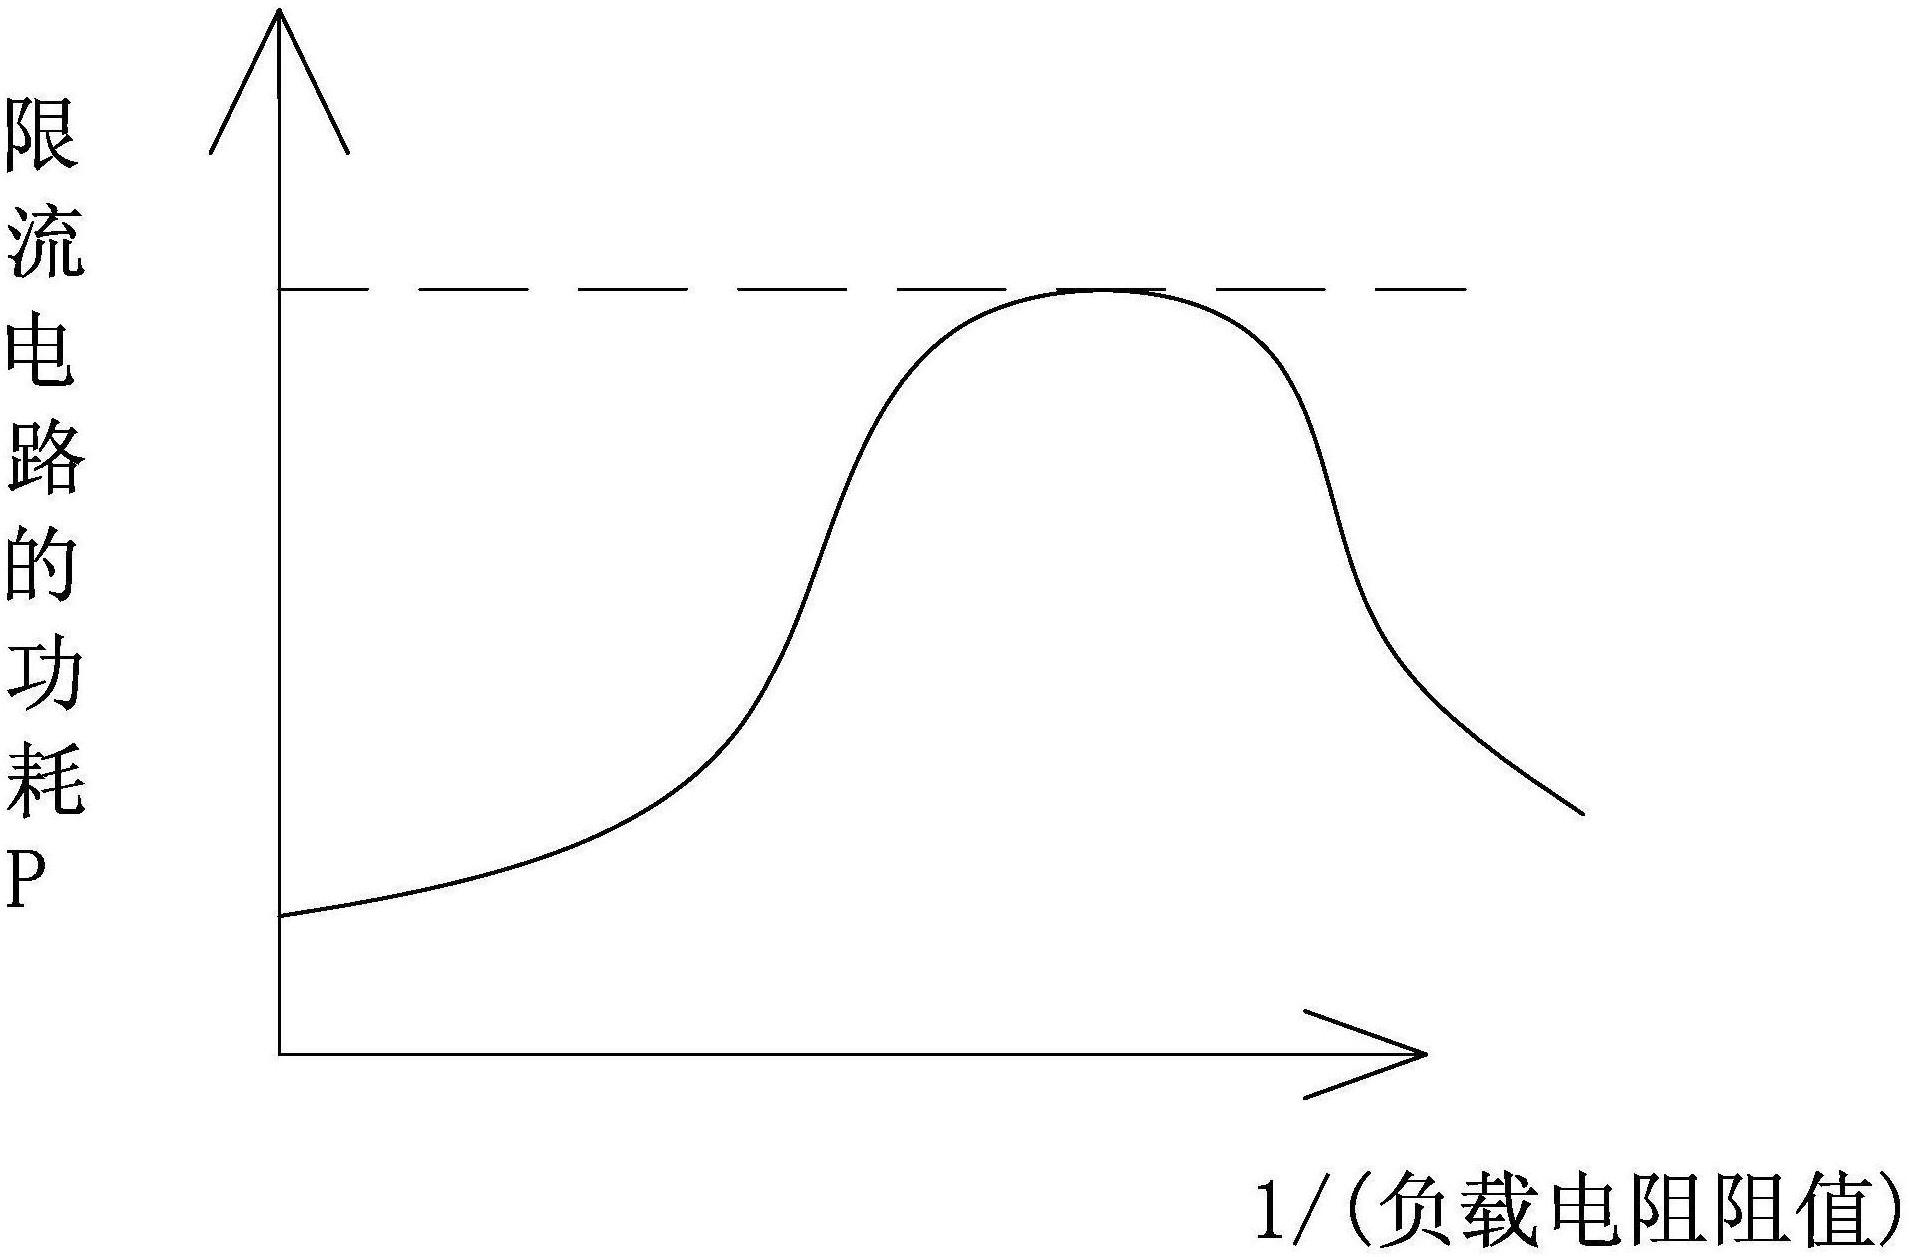 【仪表新专利】一种限流电路及包含该限流电路的电能表